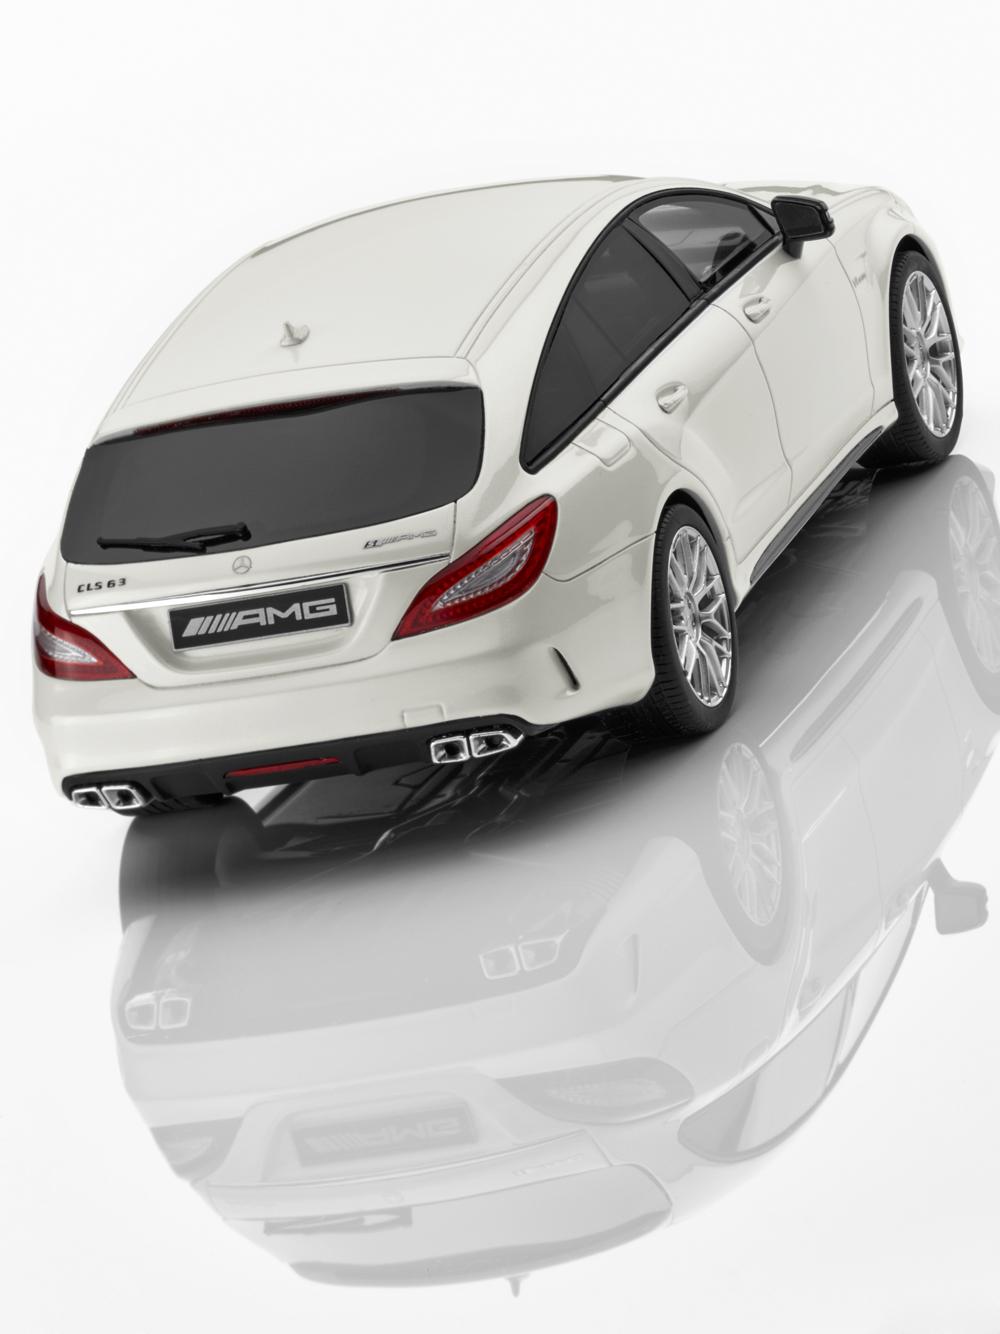 Mercedes-Benz 1 18 Voiture Miniature CLS 63 AMG Shooting Brake limitée à 1000 unités